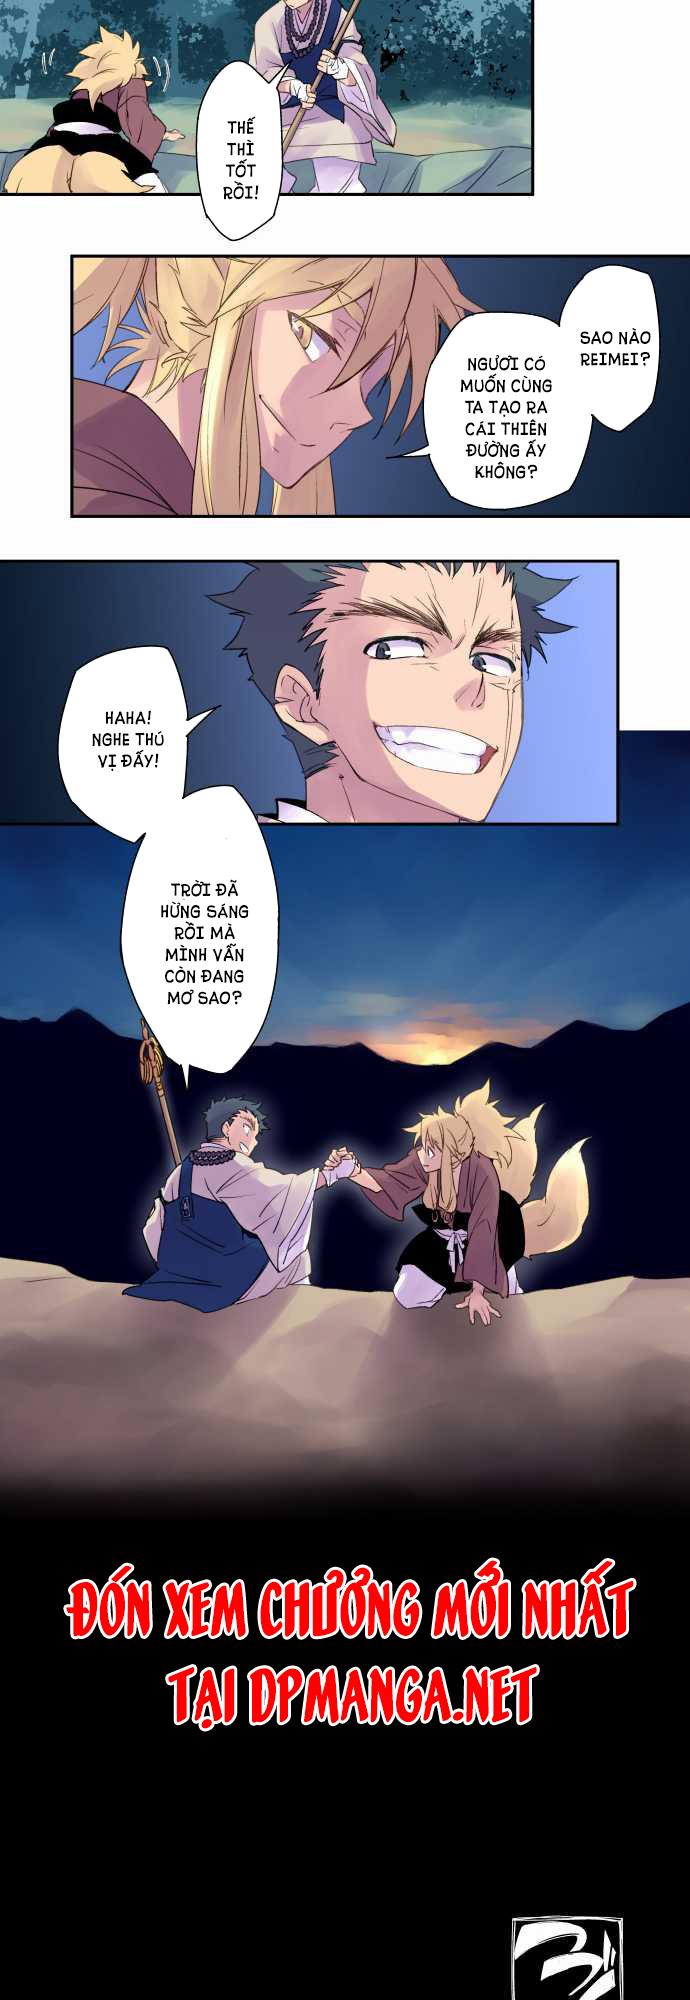 Ake no Tobari - Chương 2 - Pic 17